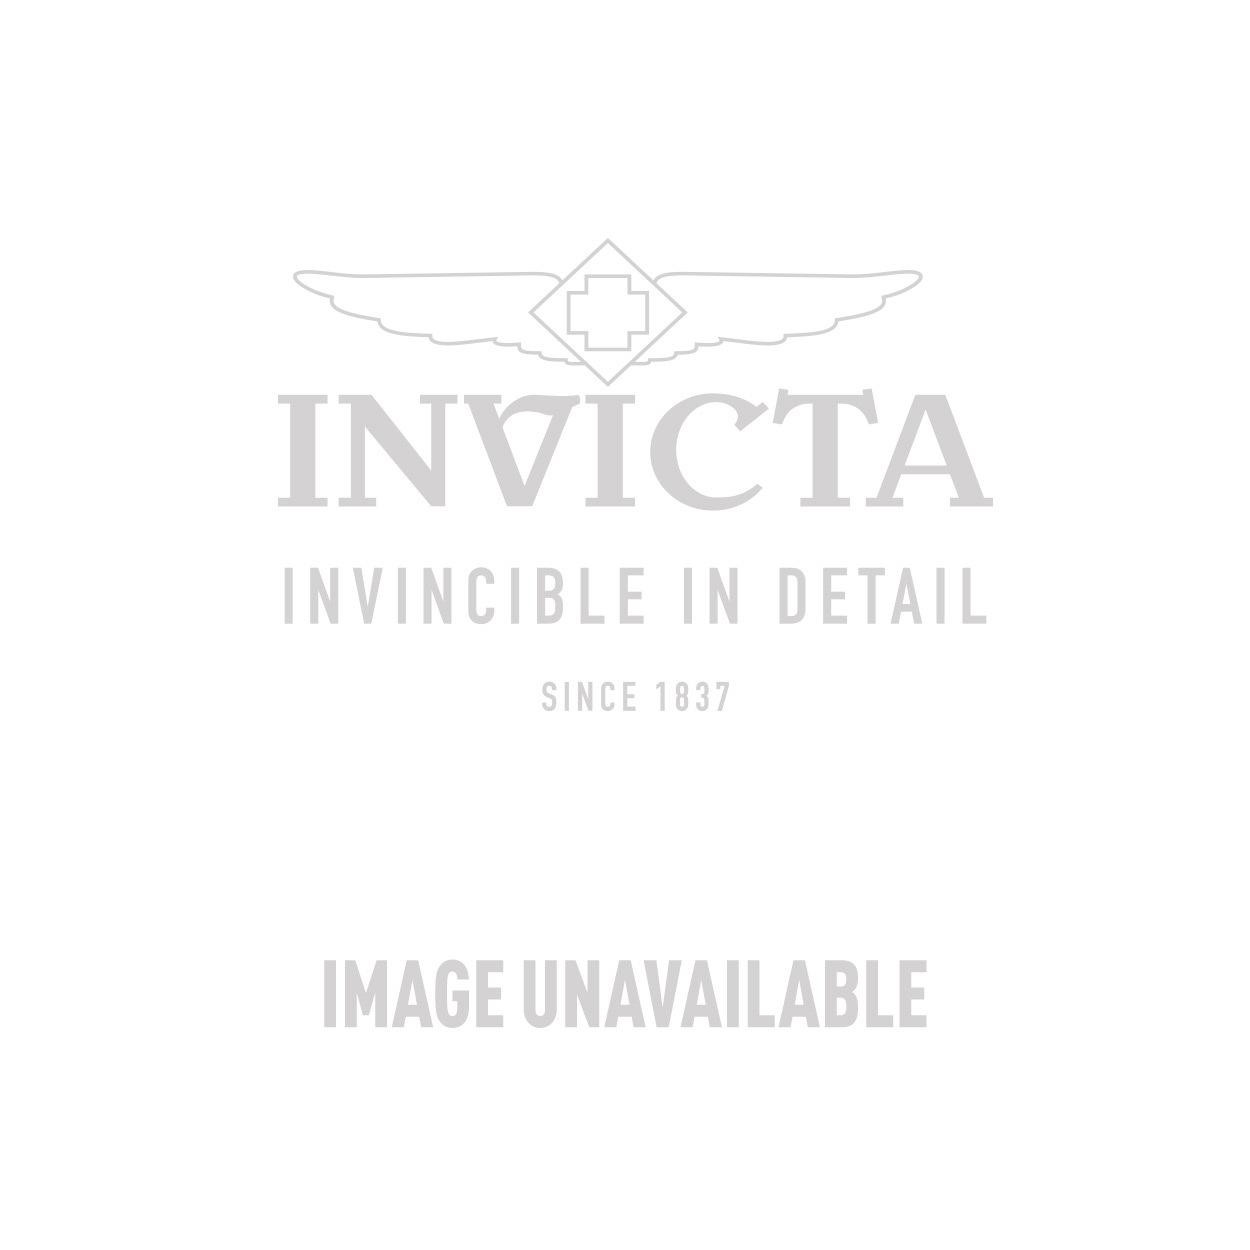 Invicta Model 24870